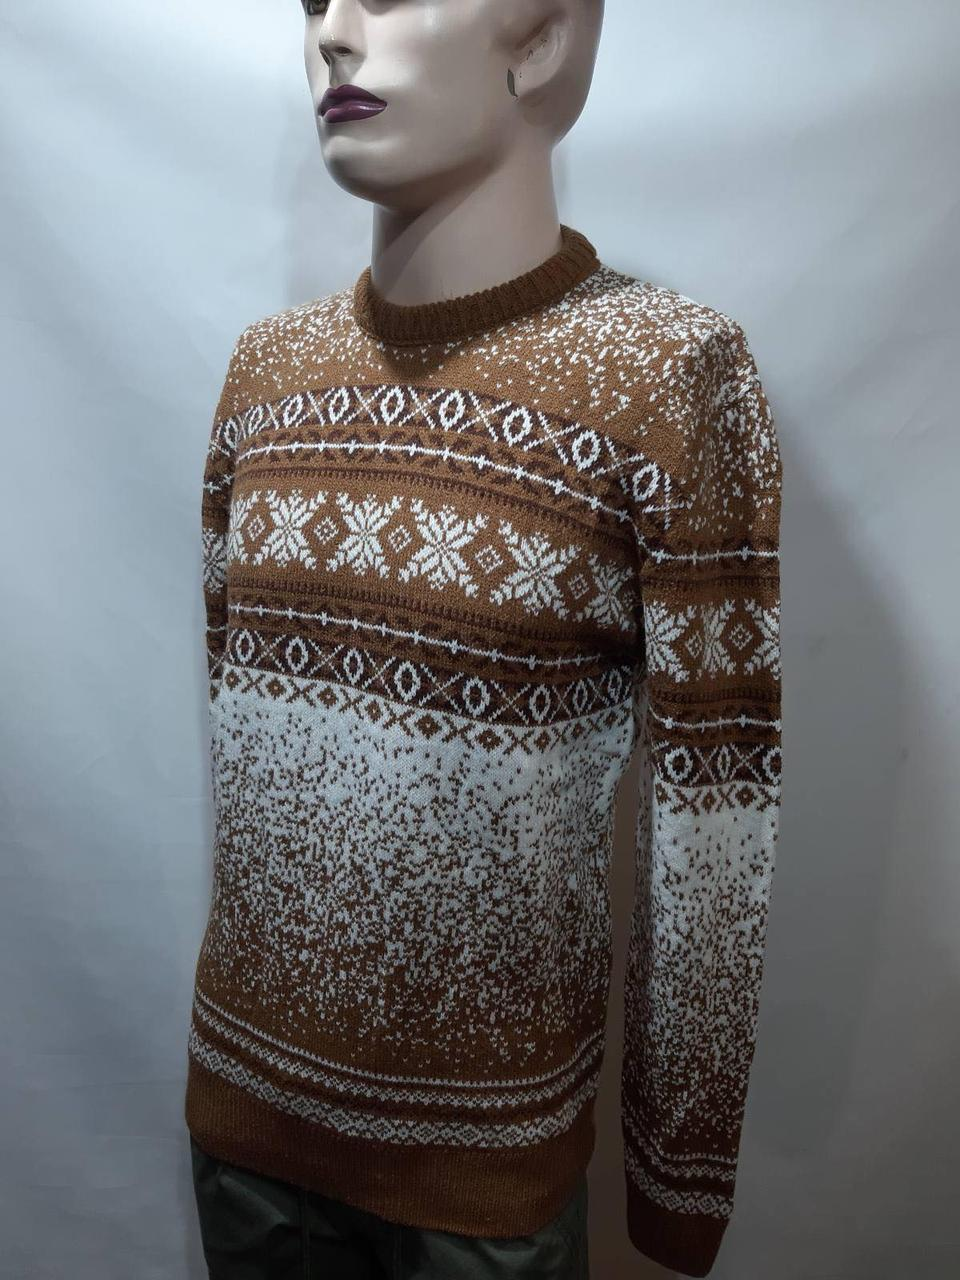 Зимний мужской теплый шерстяной свитер с орнаментом Rewac Турецкий Горчичный